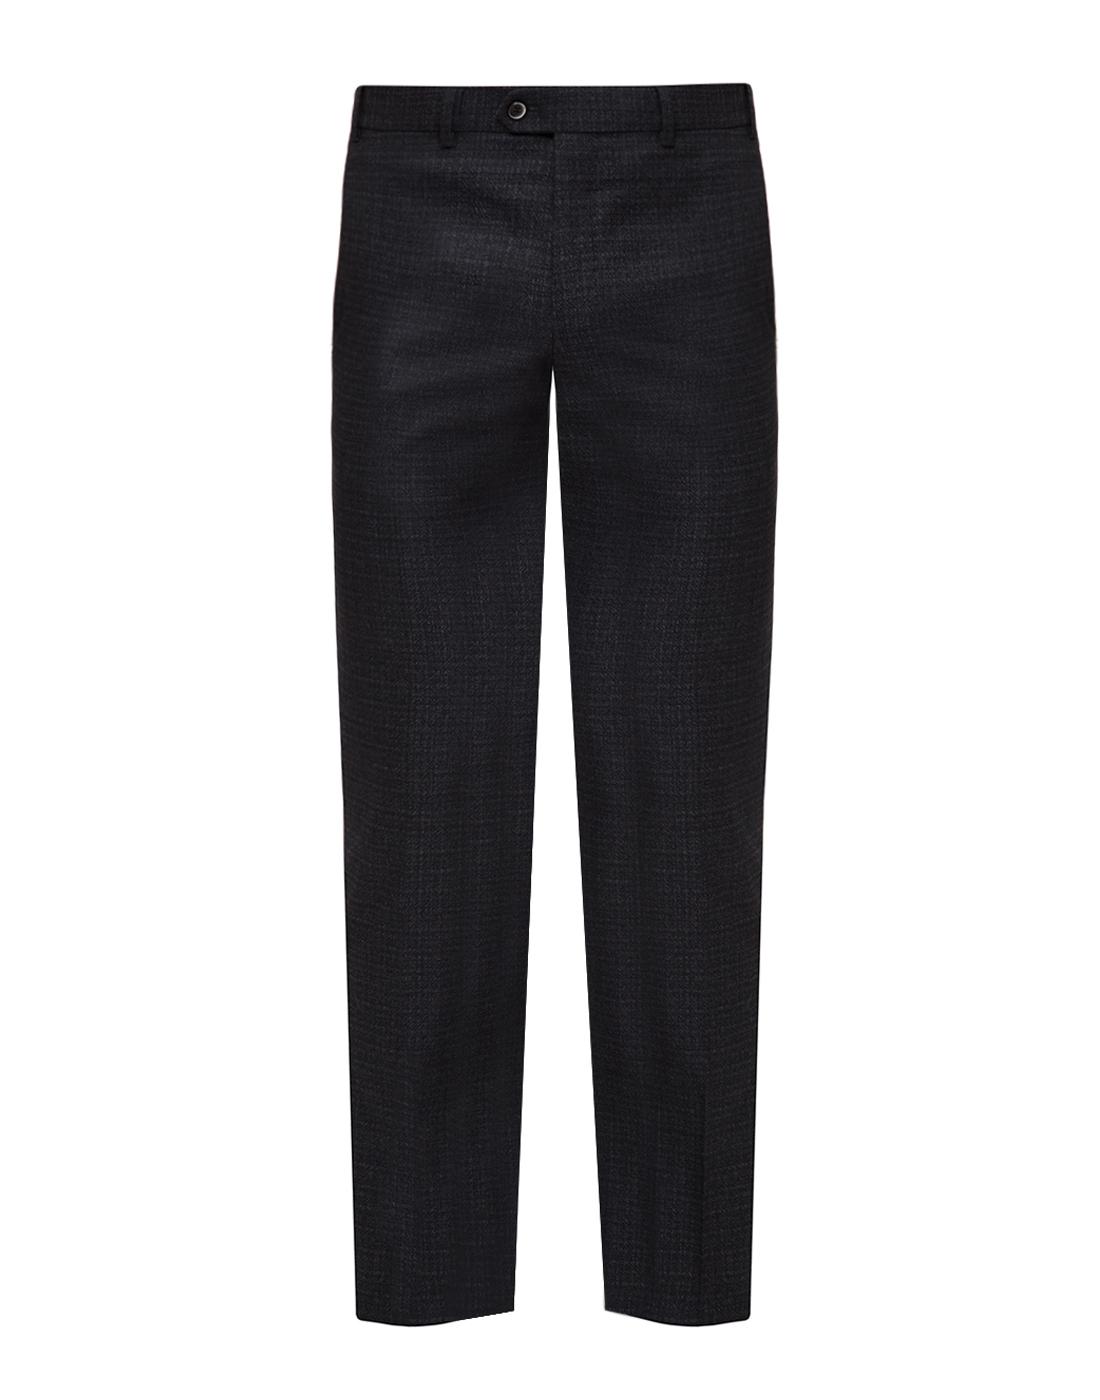 Мужские темно-серые шерстяные брюки